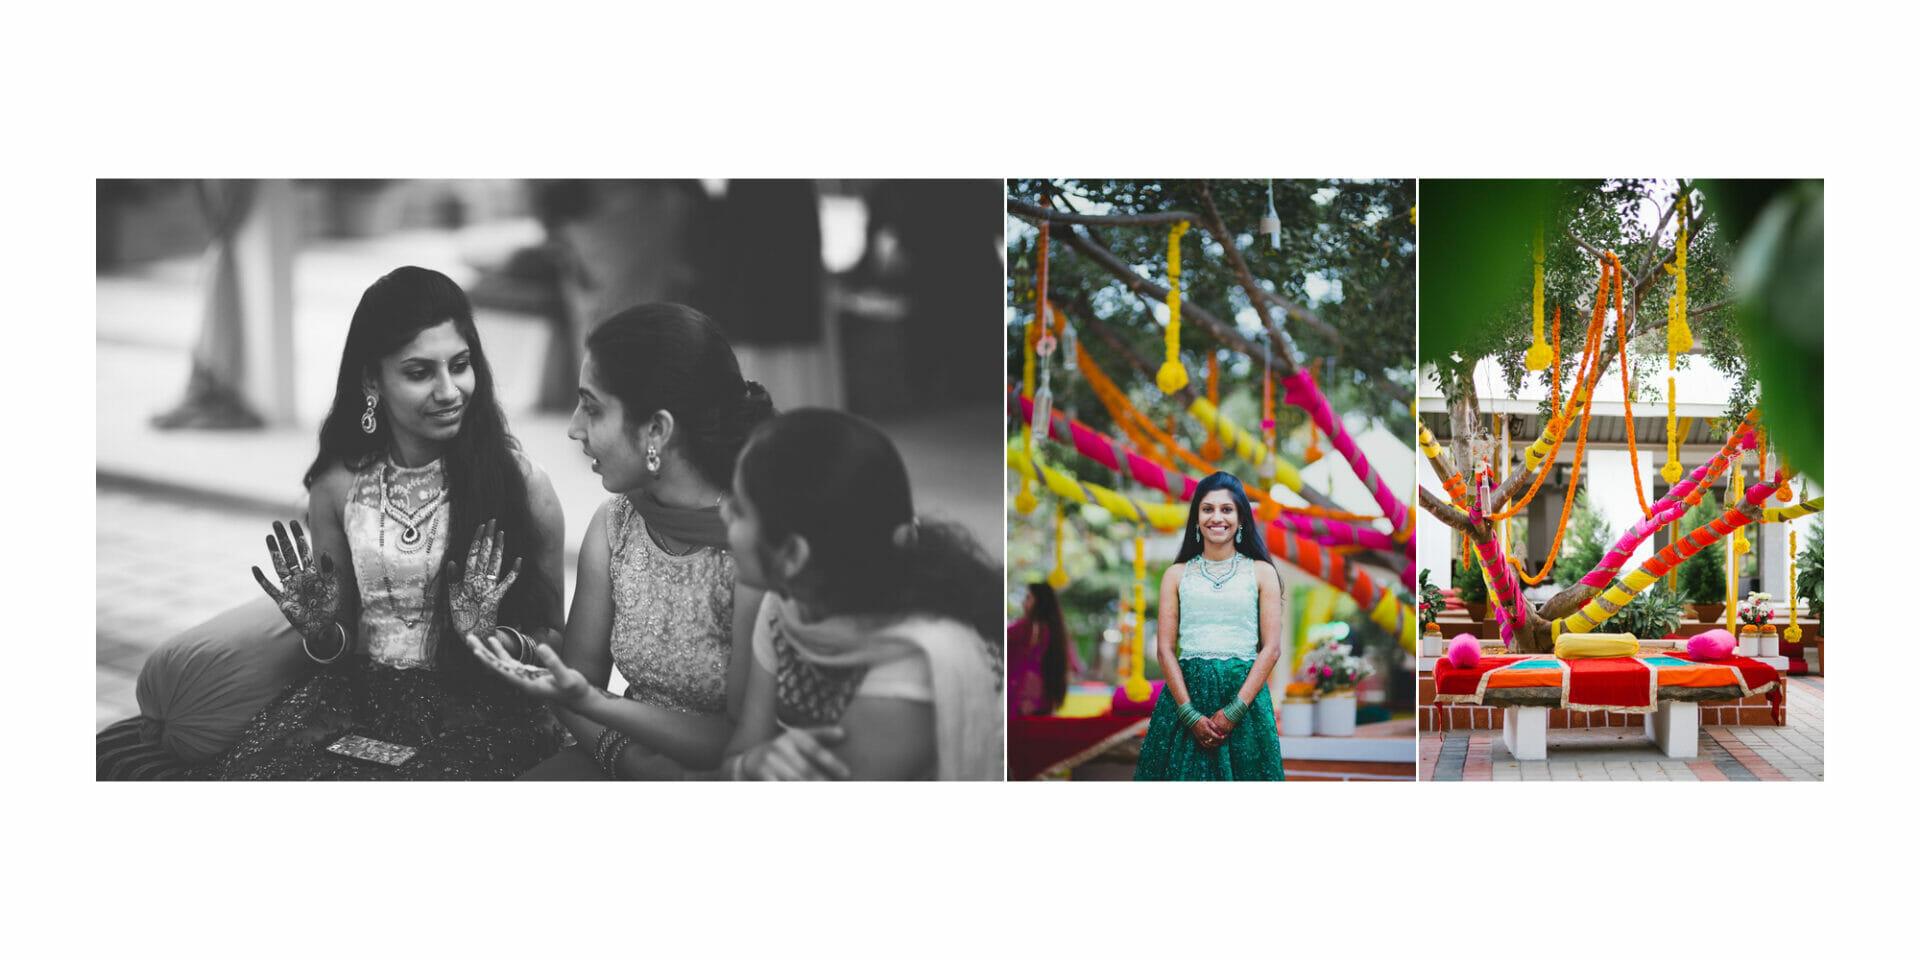 shruti annayya sree vikash photography mehandi sangeeth kalathur gardens 11